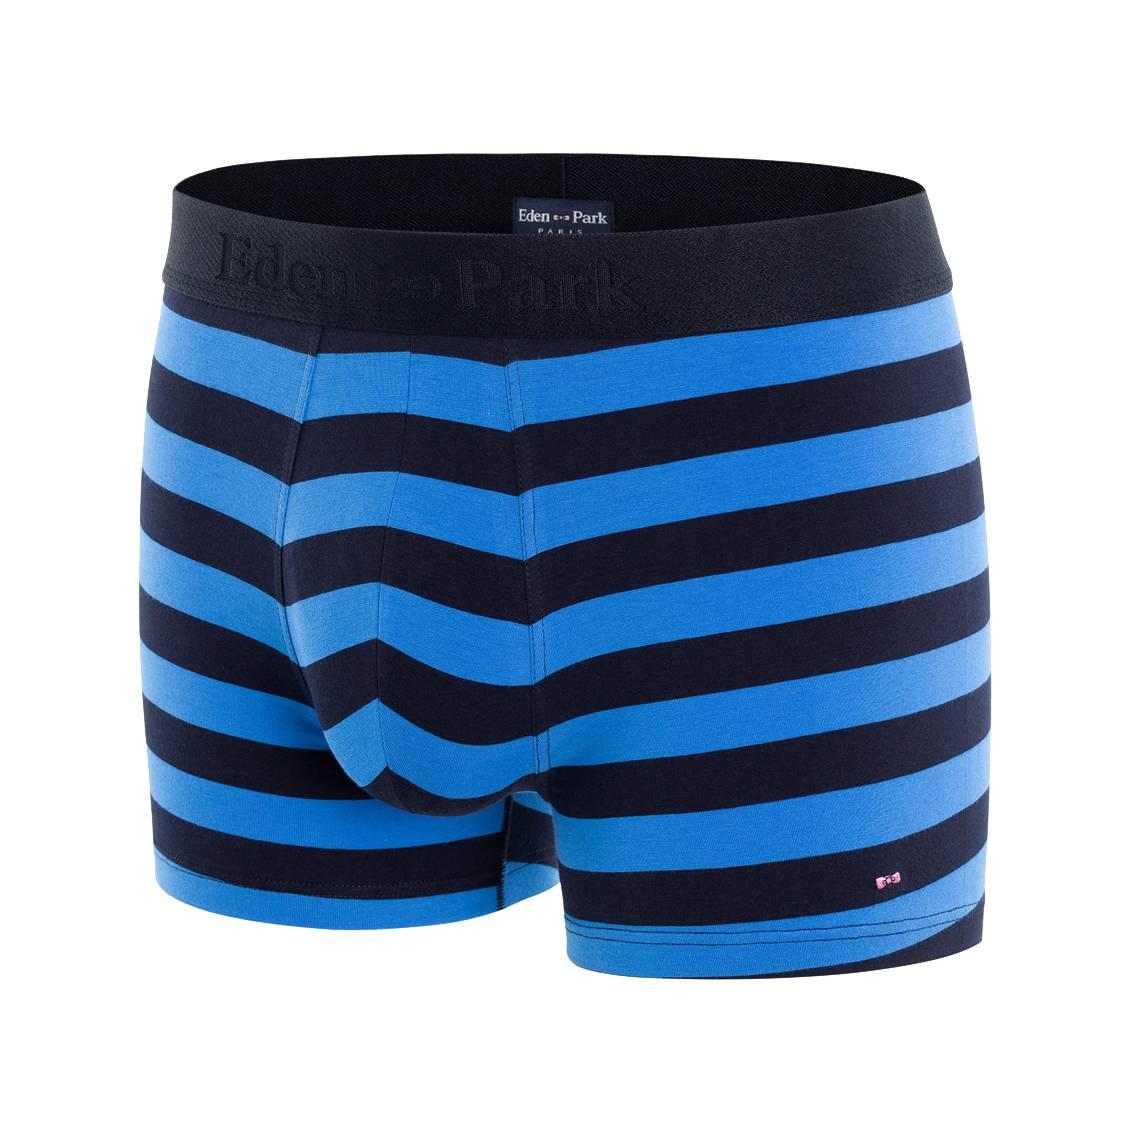 Boxer eden park en coton stretch bleu pétrole à rayures bleu marine